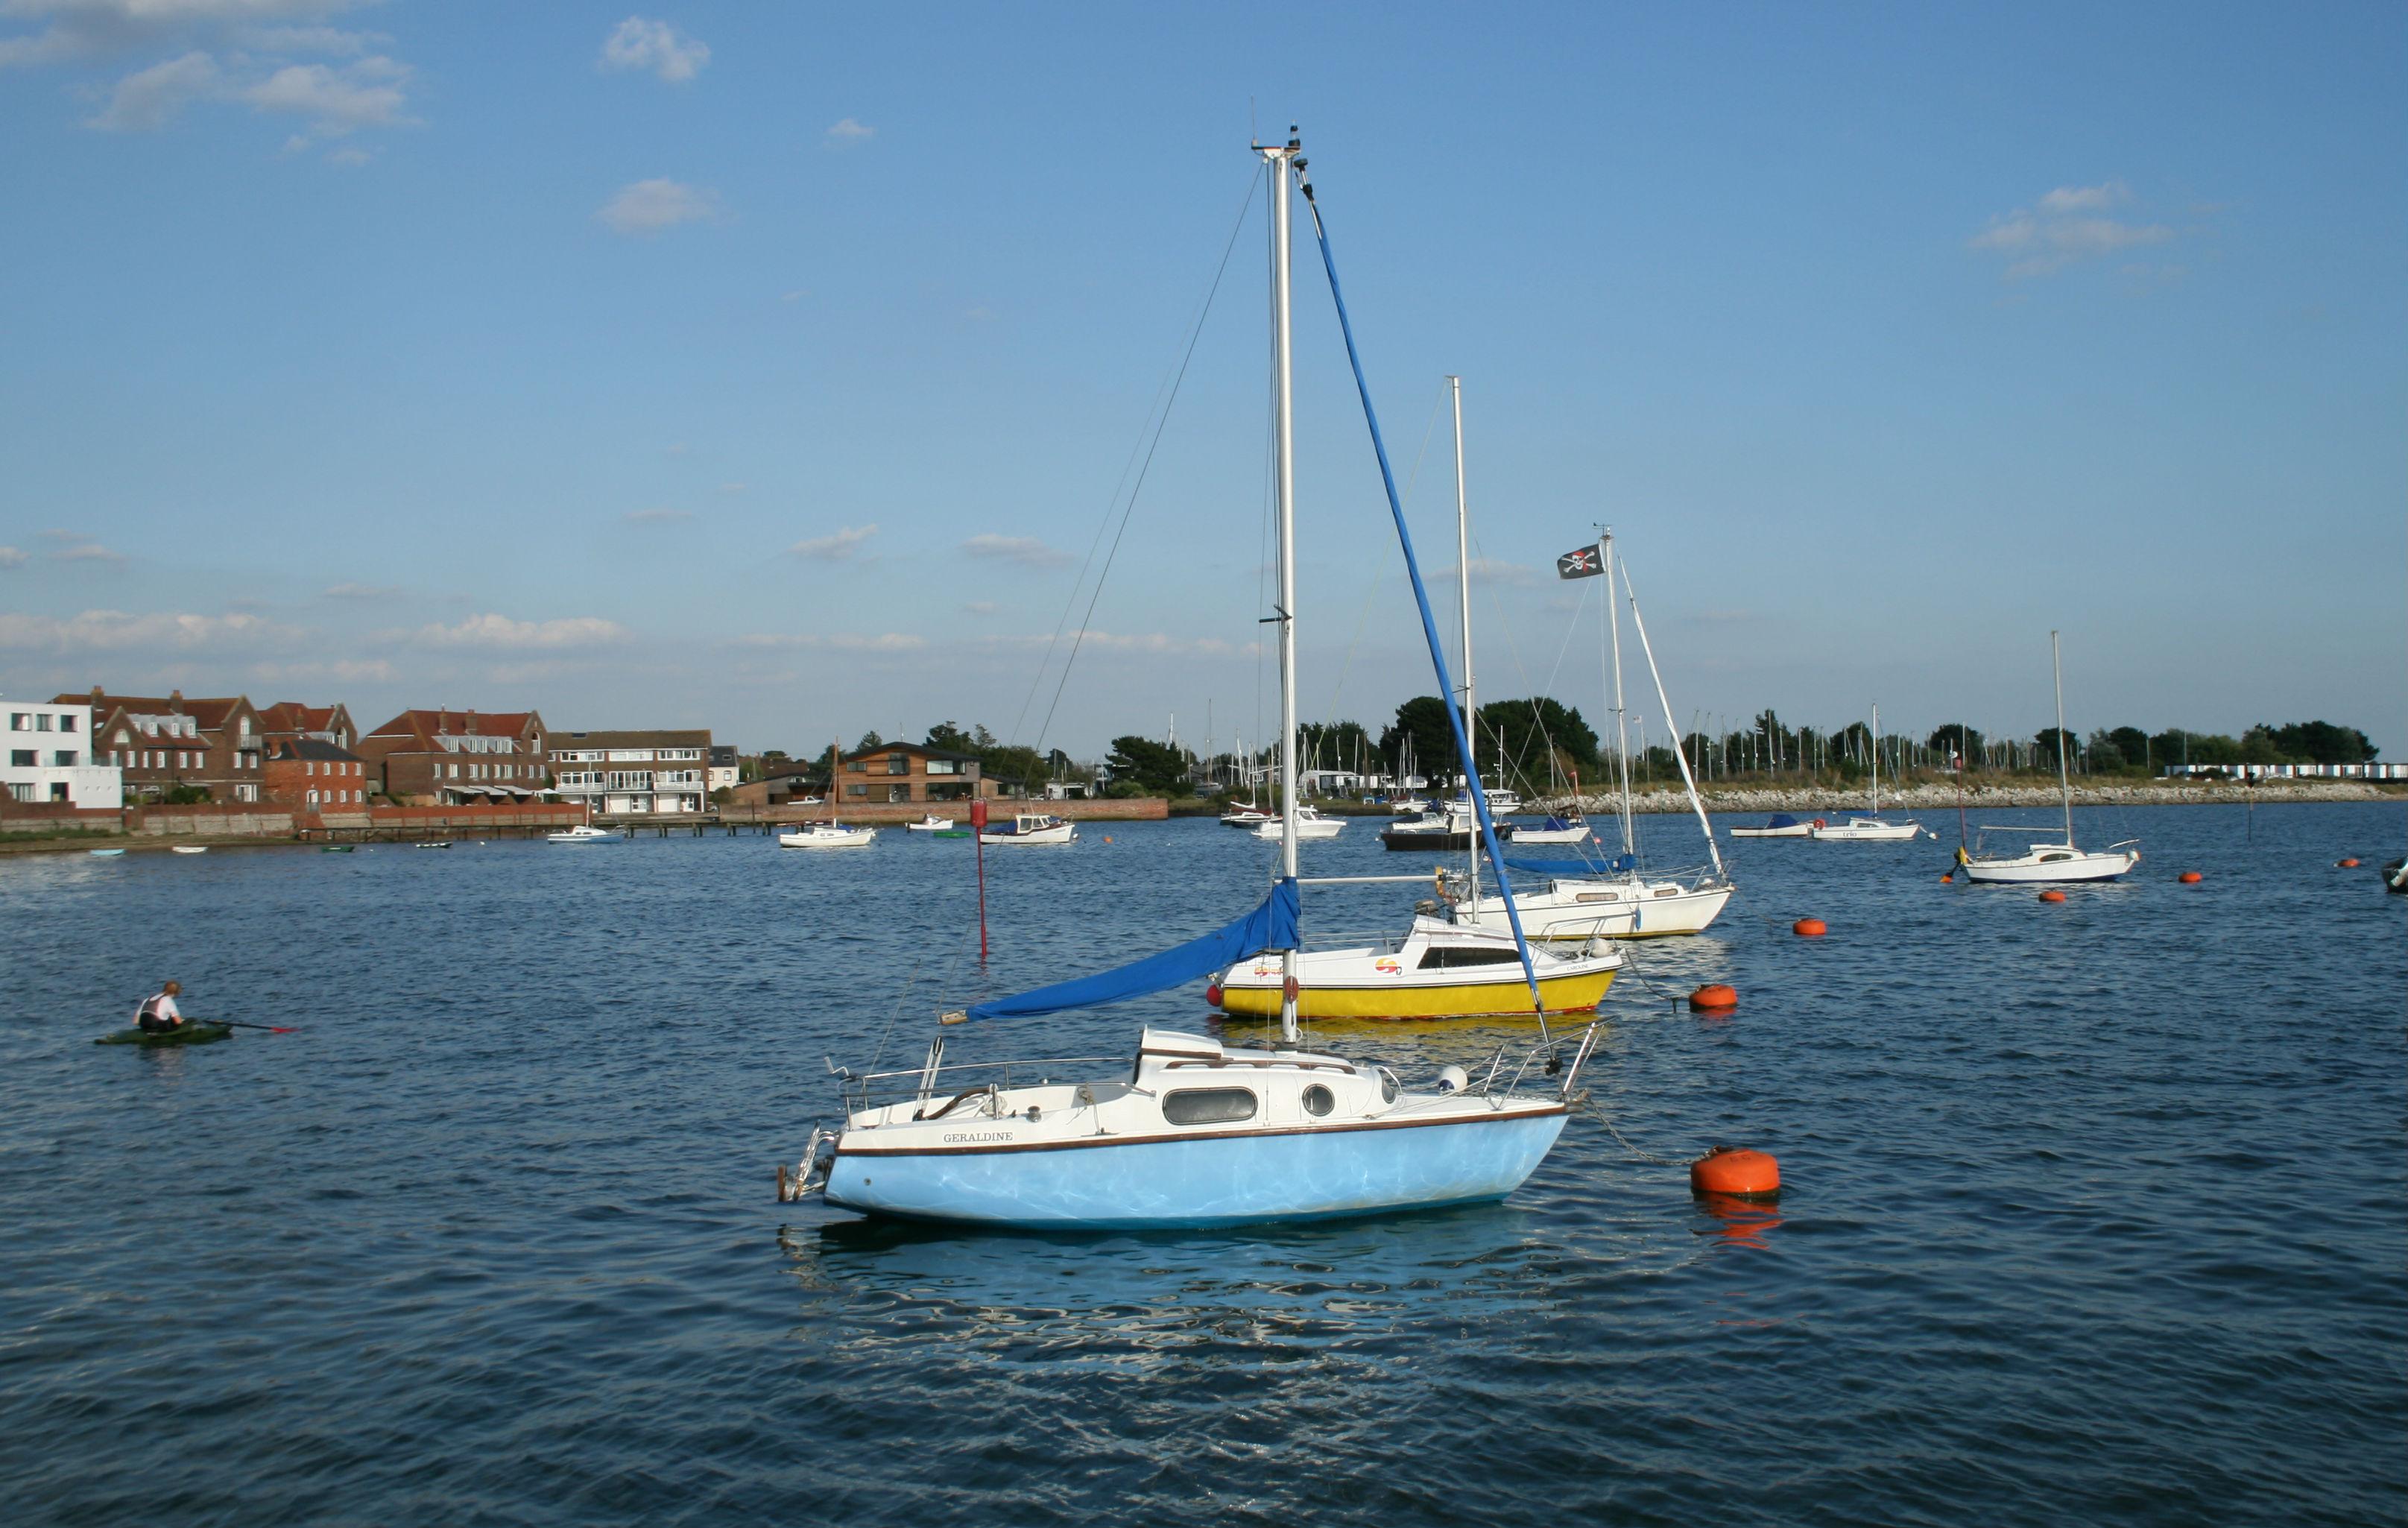 Emsworth boats